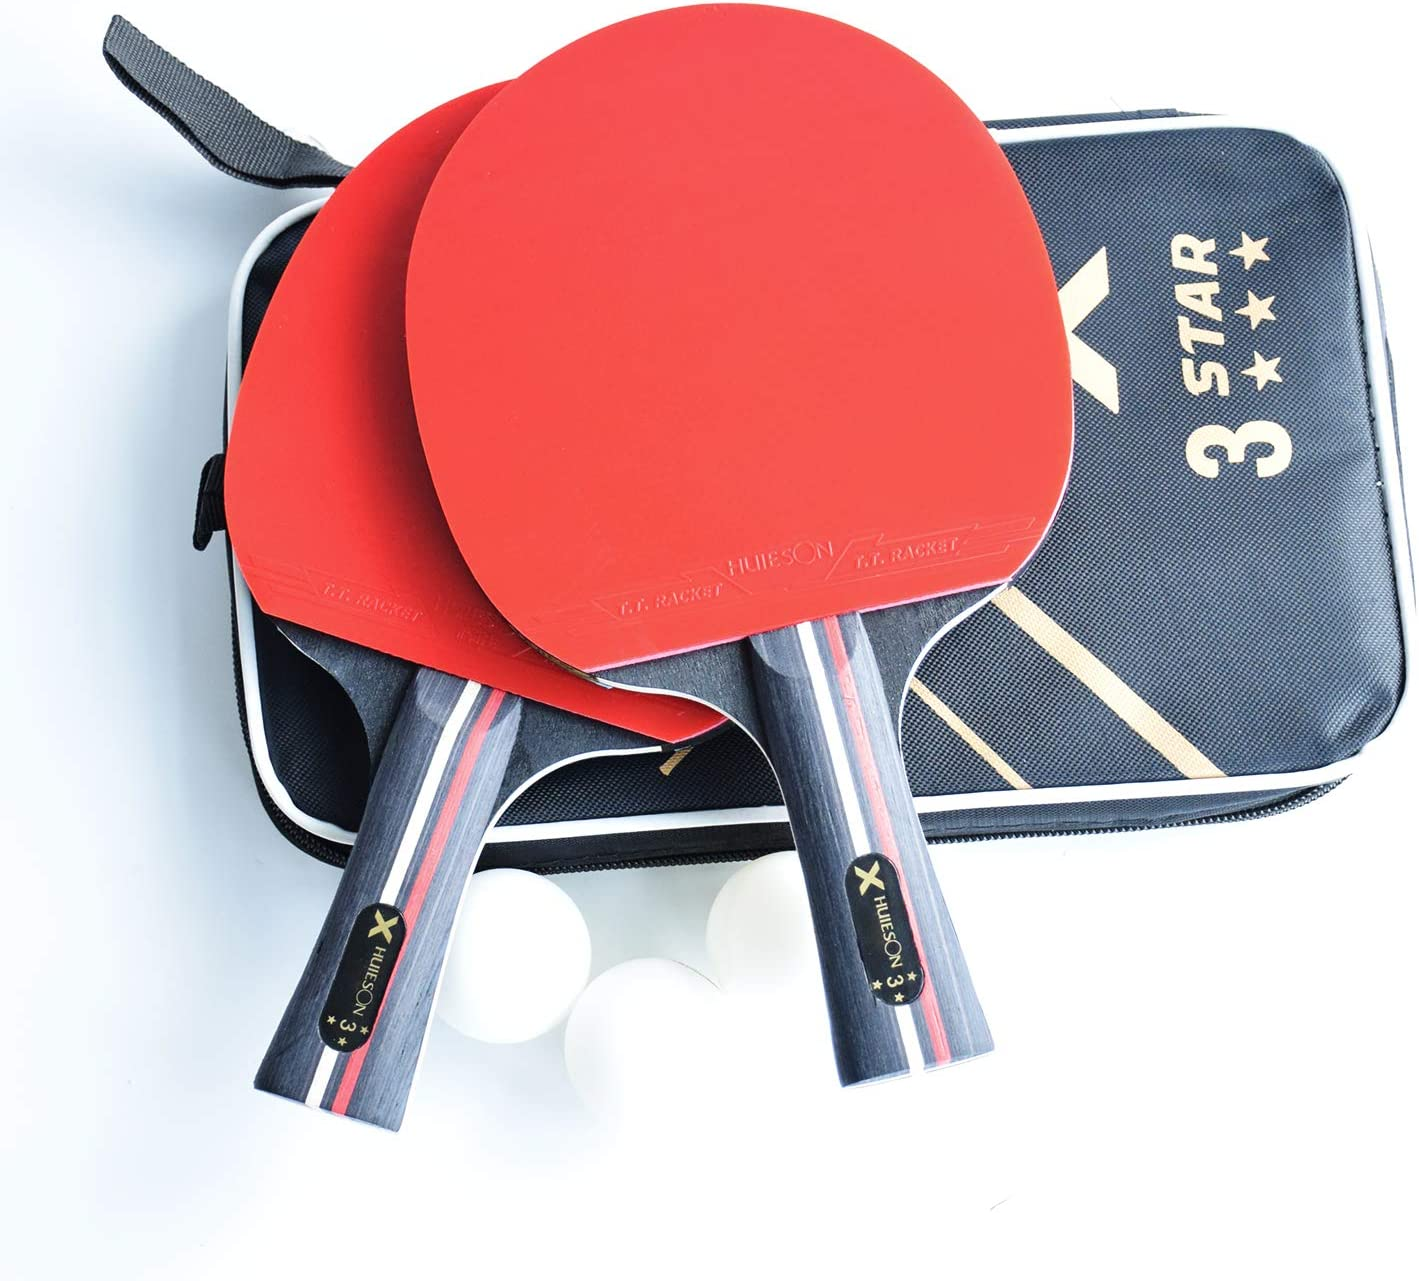 Amazon.com: ahomie paquete de 2 juego de tenis de mesa ...